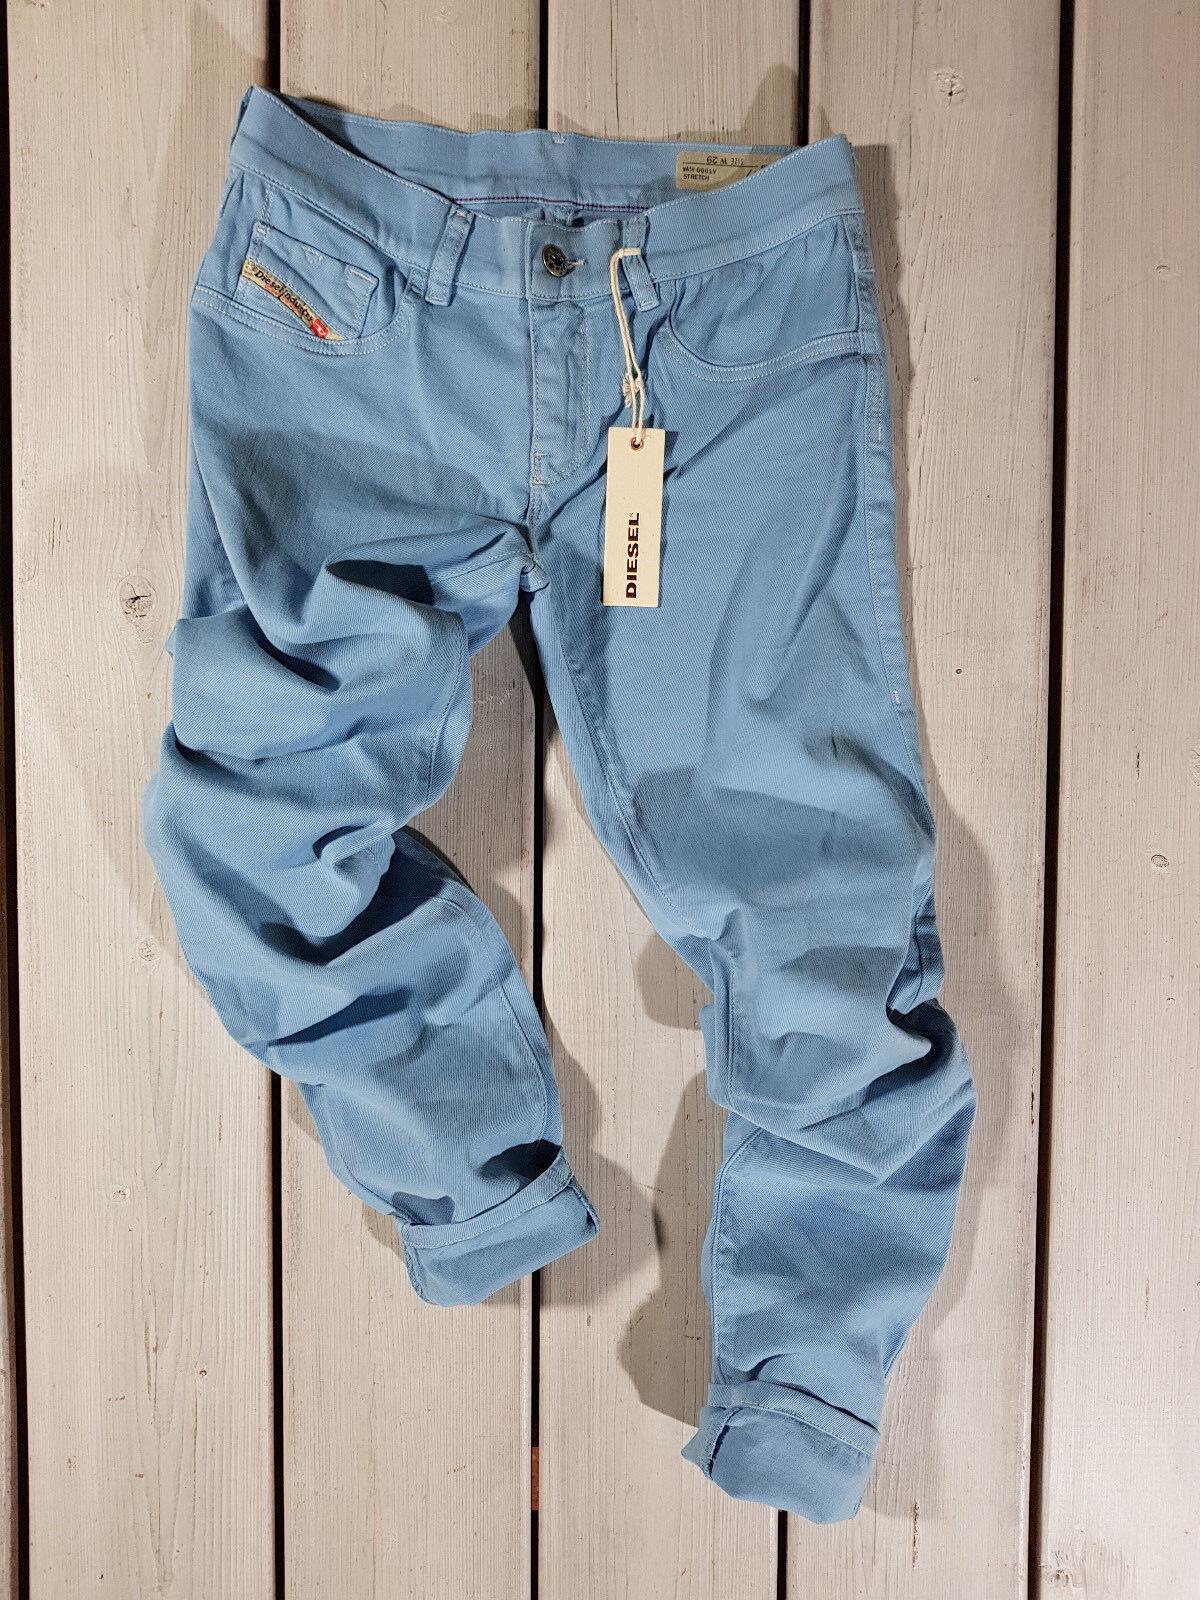 Prezzo di Vendita Consigliato Nuovo Diesel DONNA Jeans Jeans Jeans W29 Livier-Ankle 0661v 377237